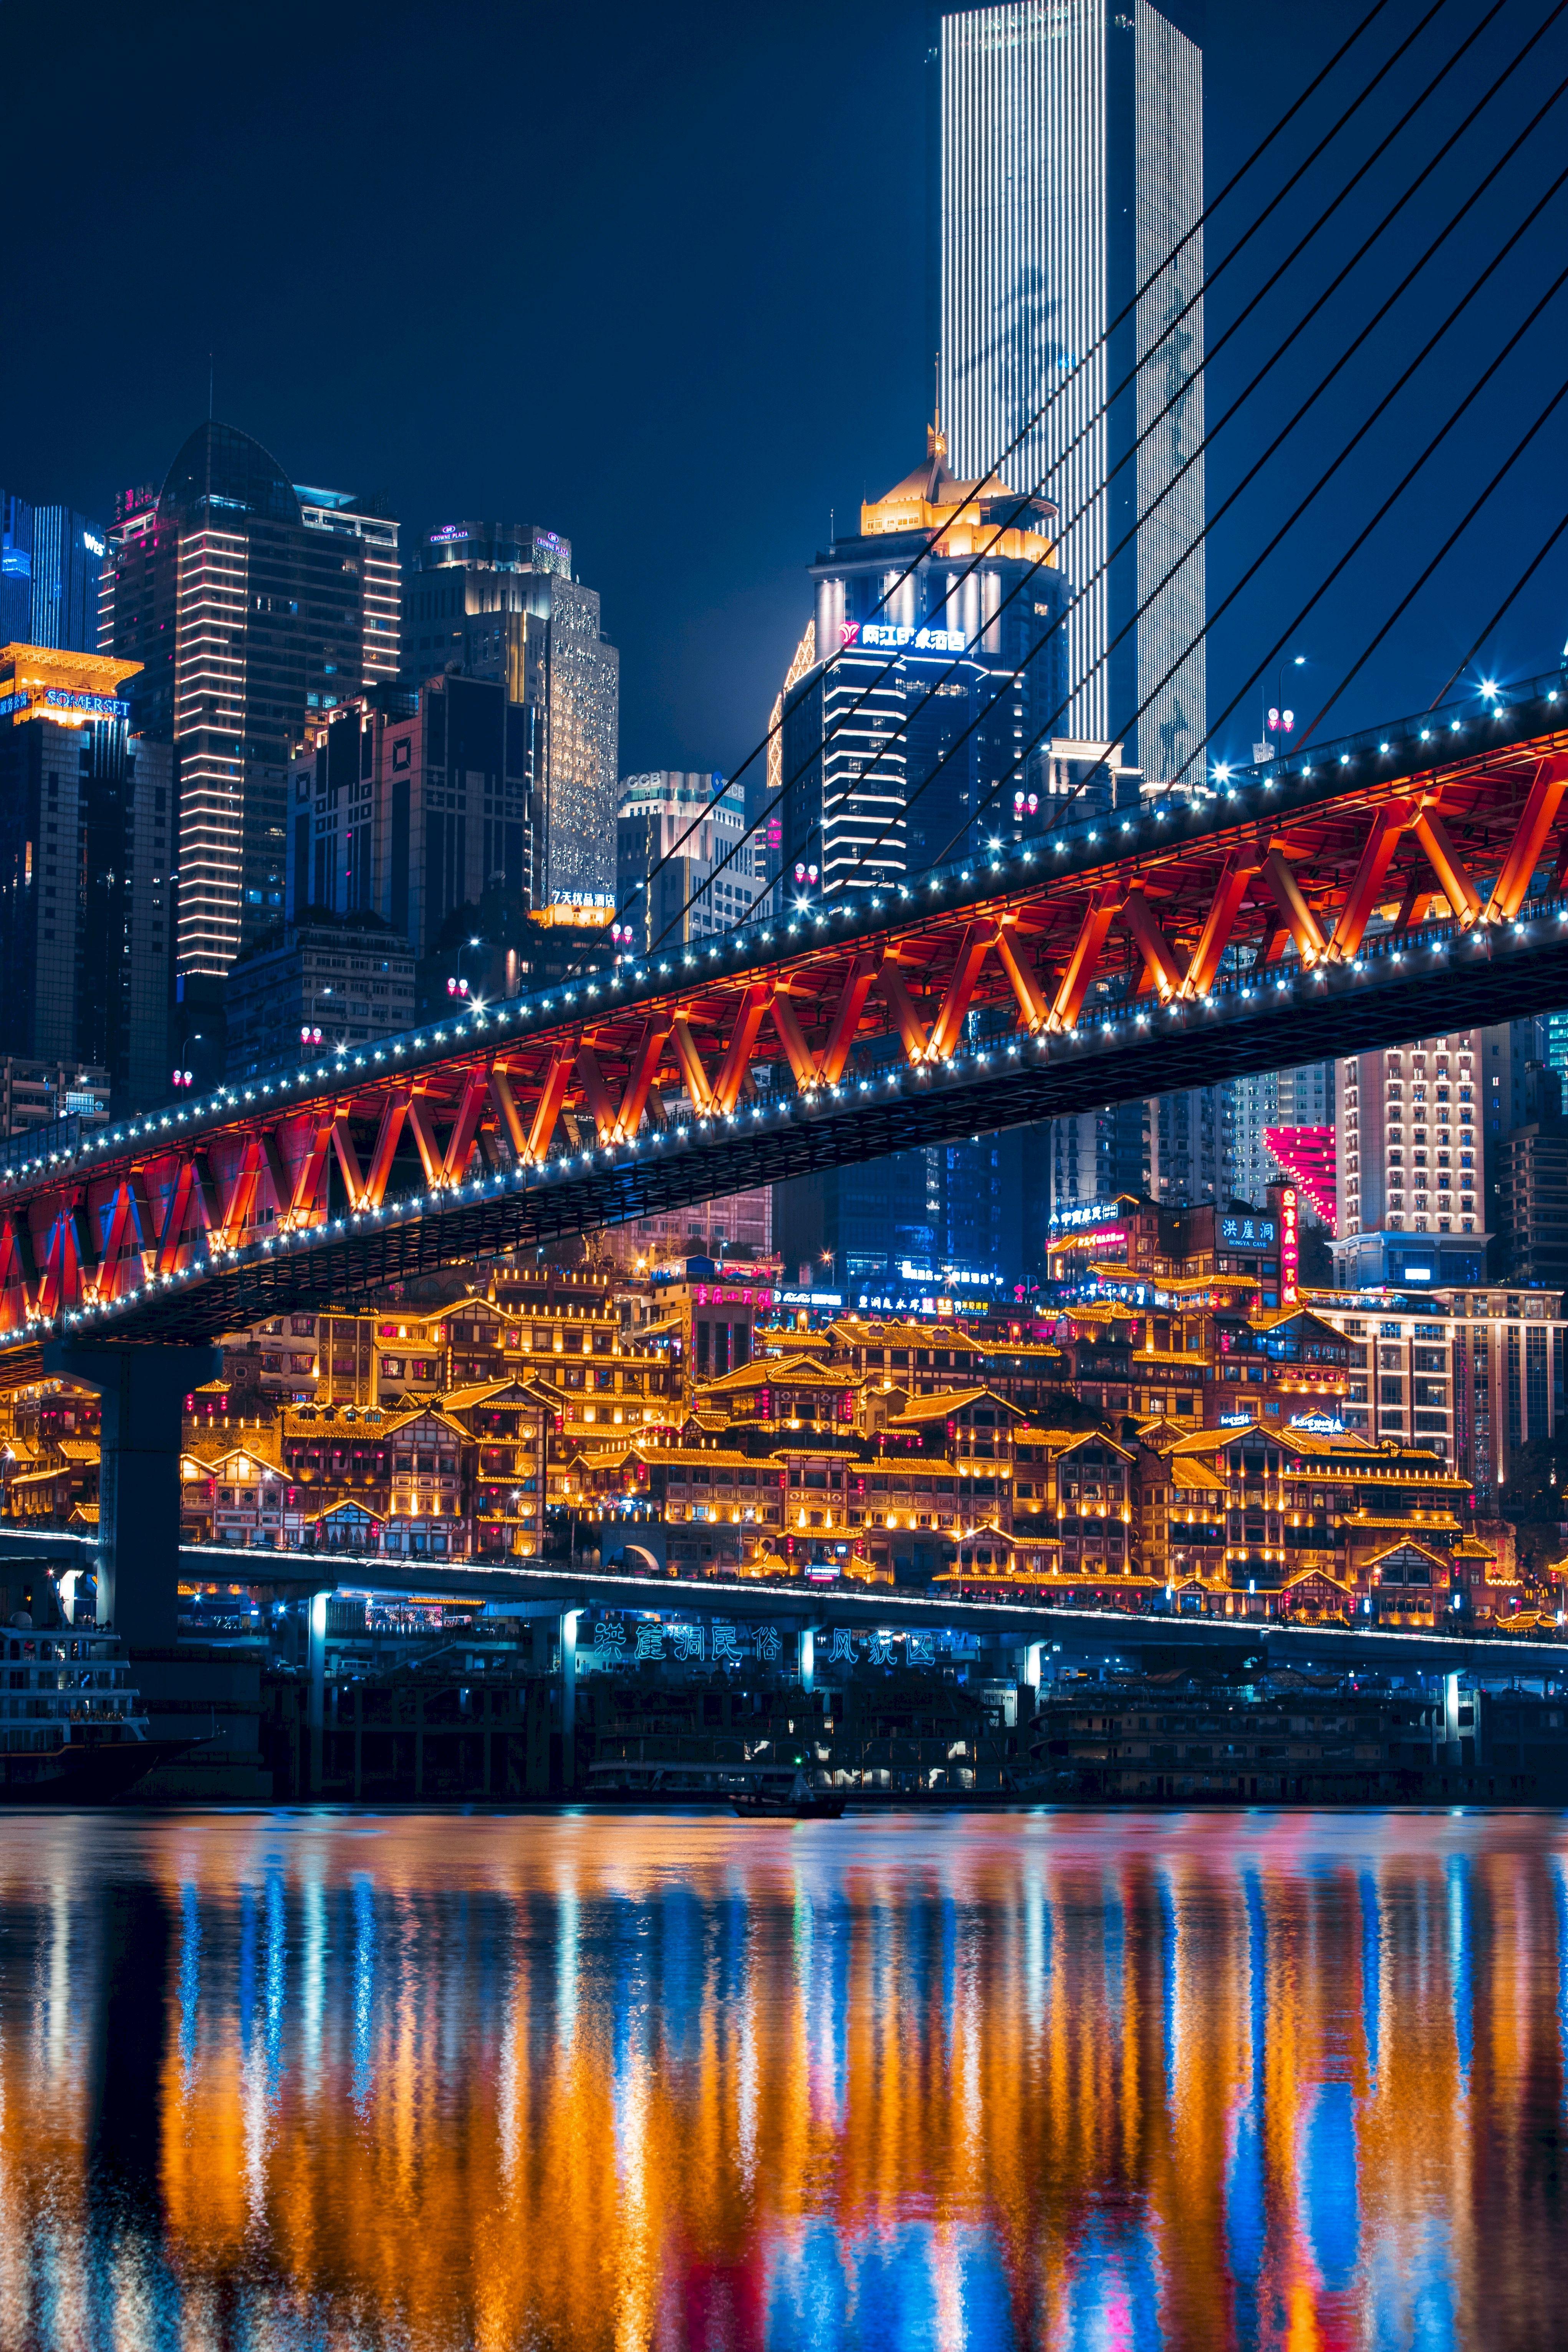 147163 Заставки и Обои Вода на телефон. Скачать Архитектура, Вода, Города, Ночной Город, Огни Города, Мост, Мегаполис картинки бесплатно